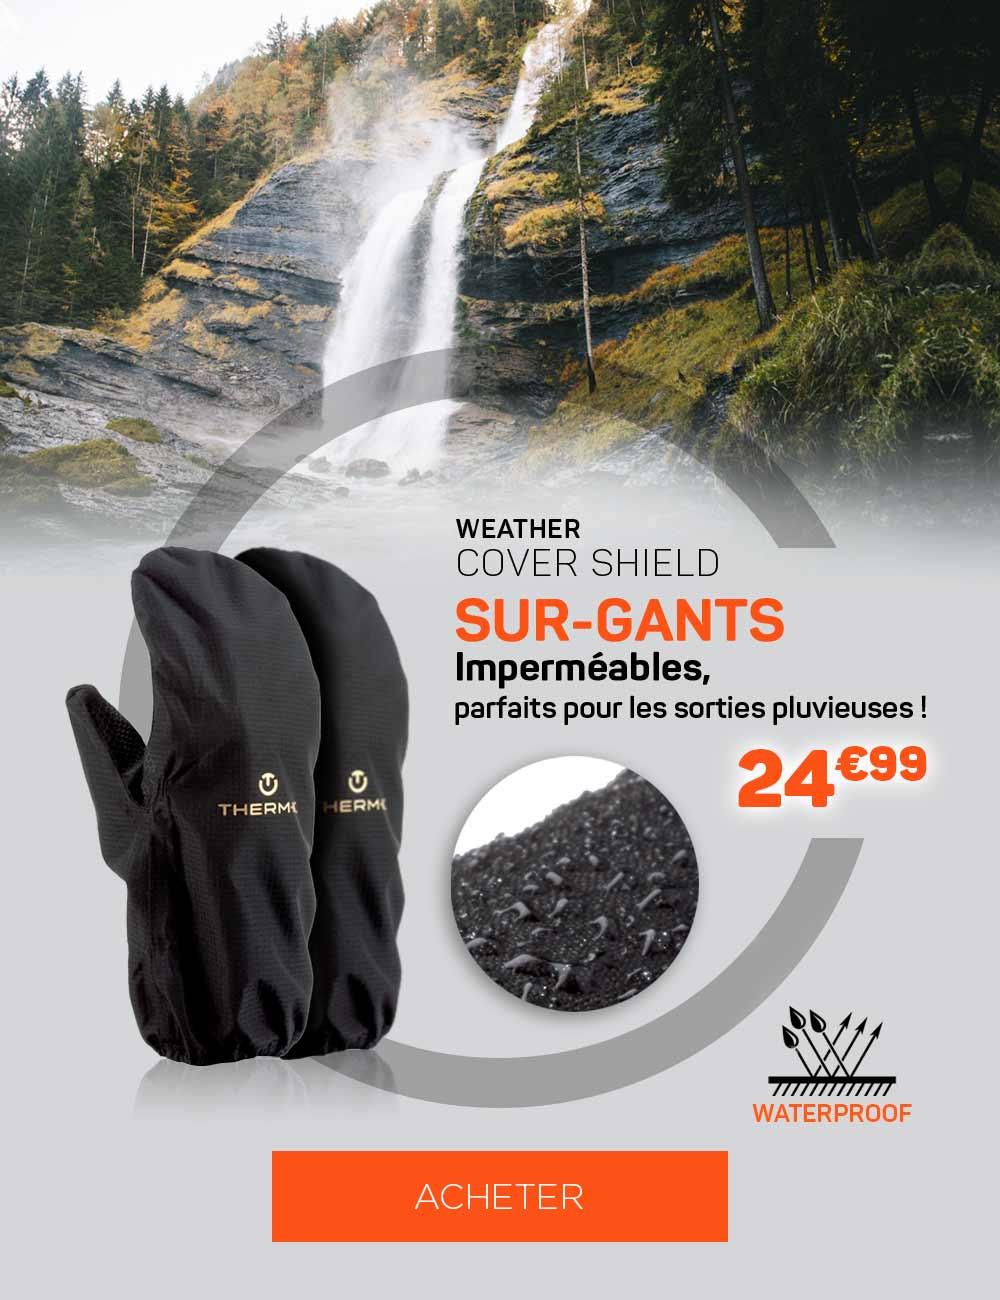 Découvrez les sur-gants imperméables idéales pour vos courses de Trail